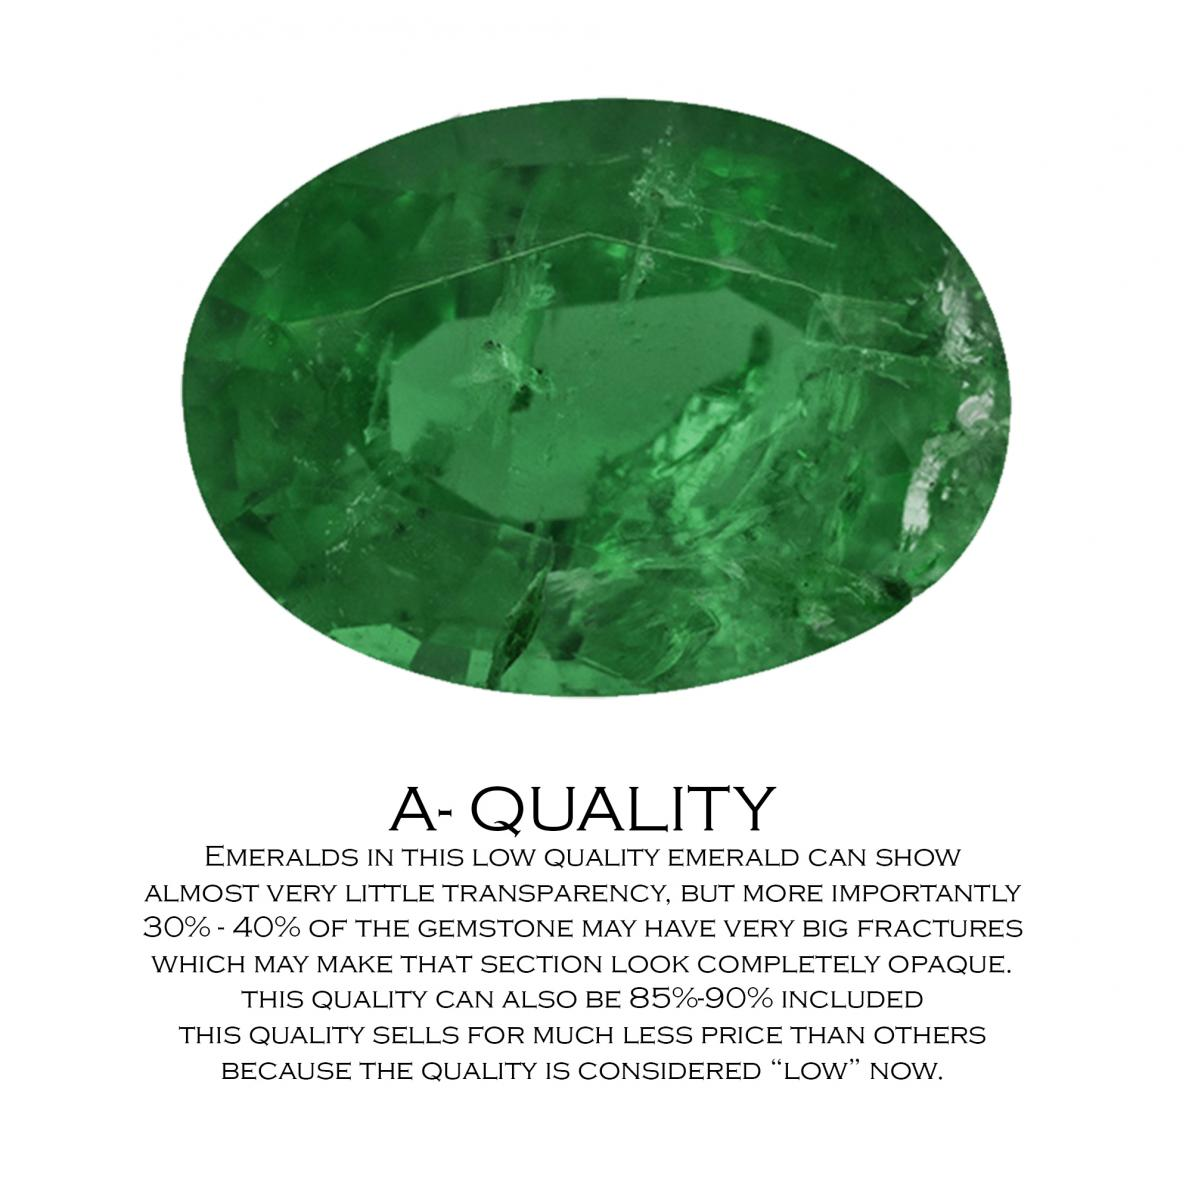 Emerald quality chart3-2